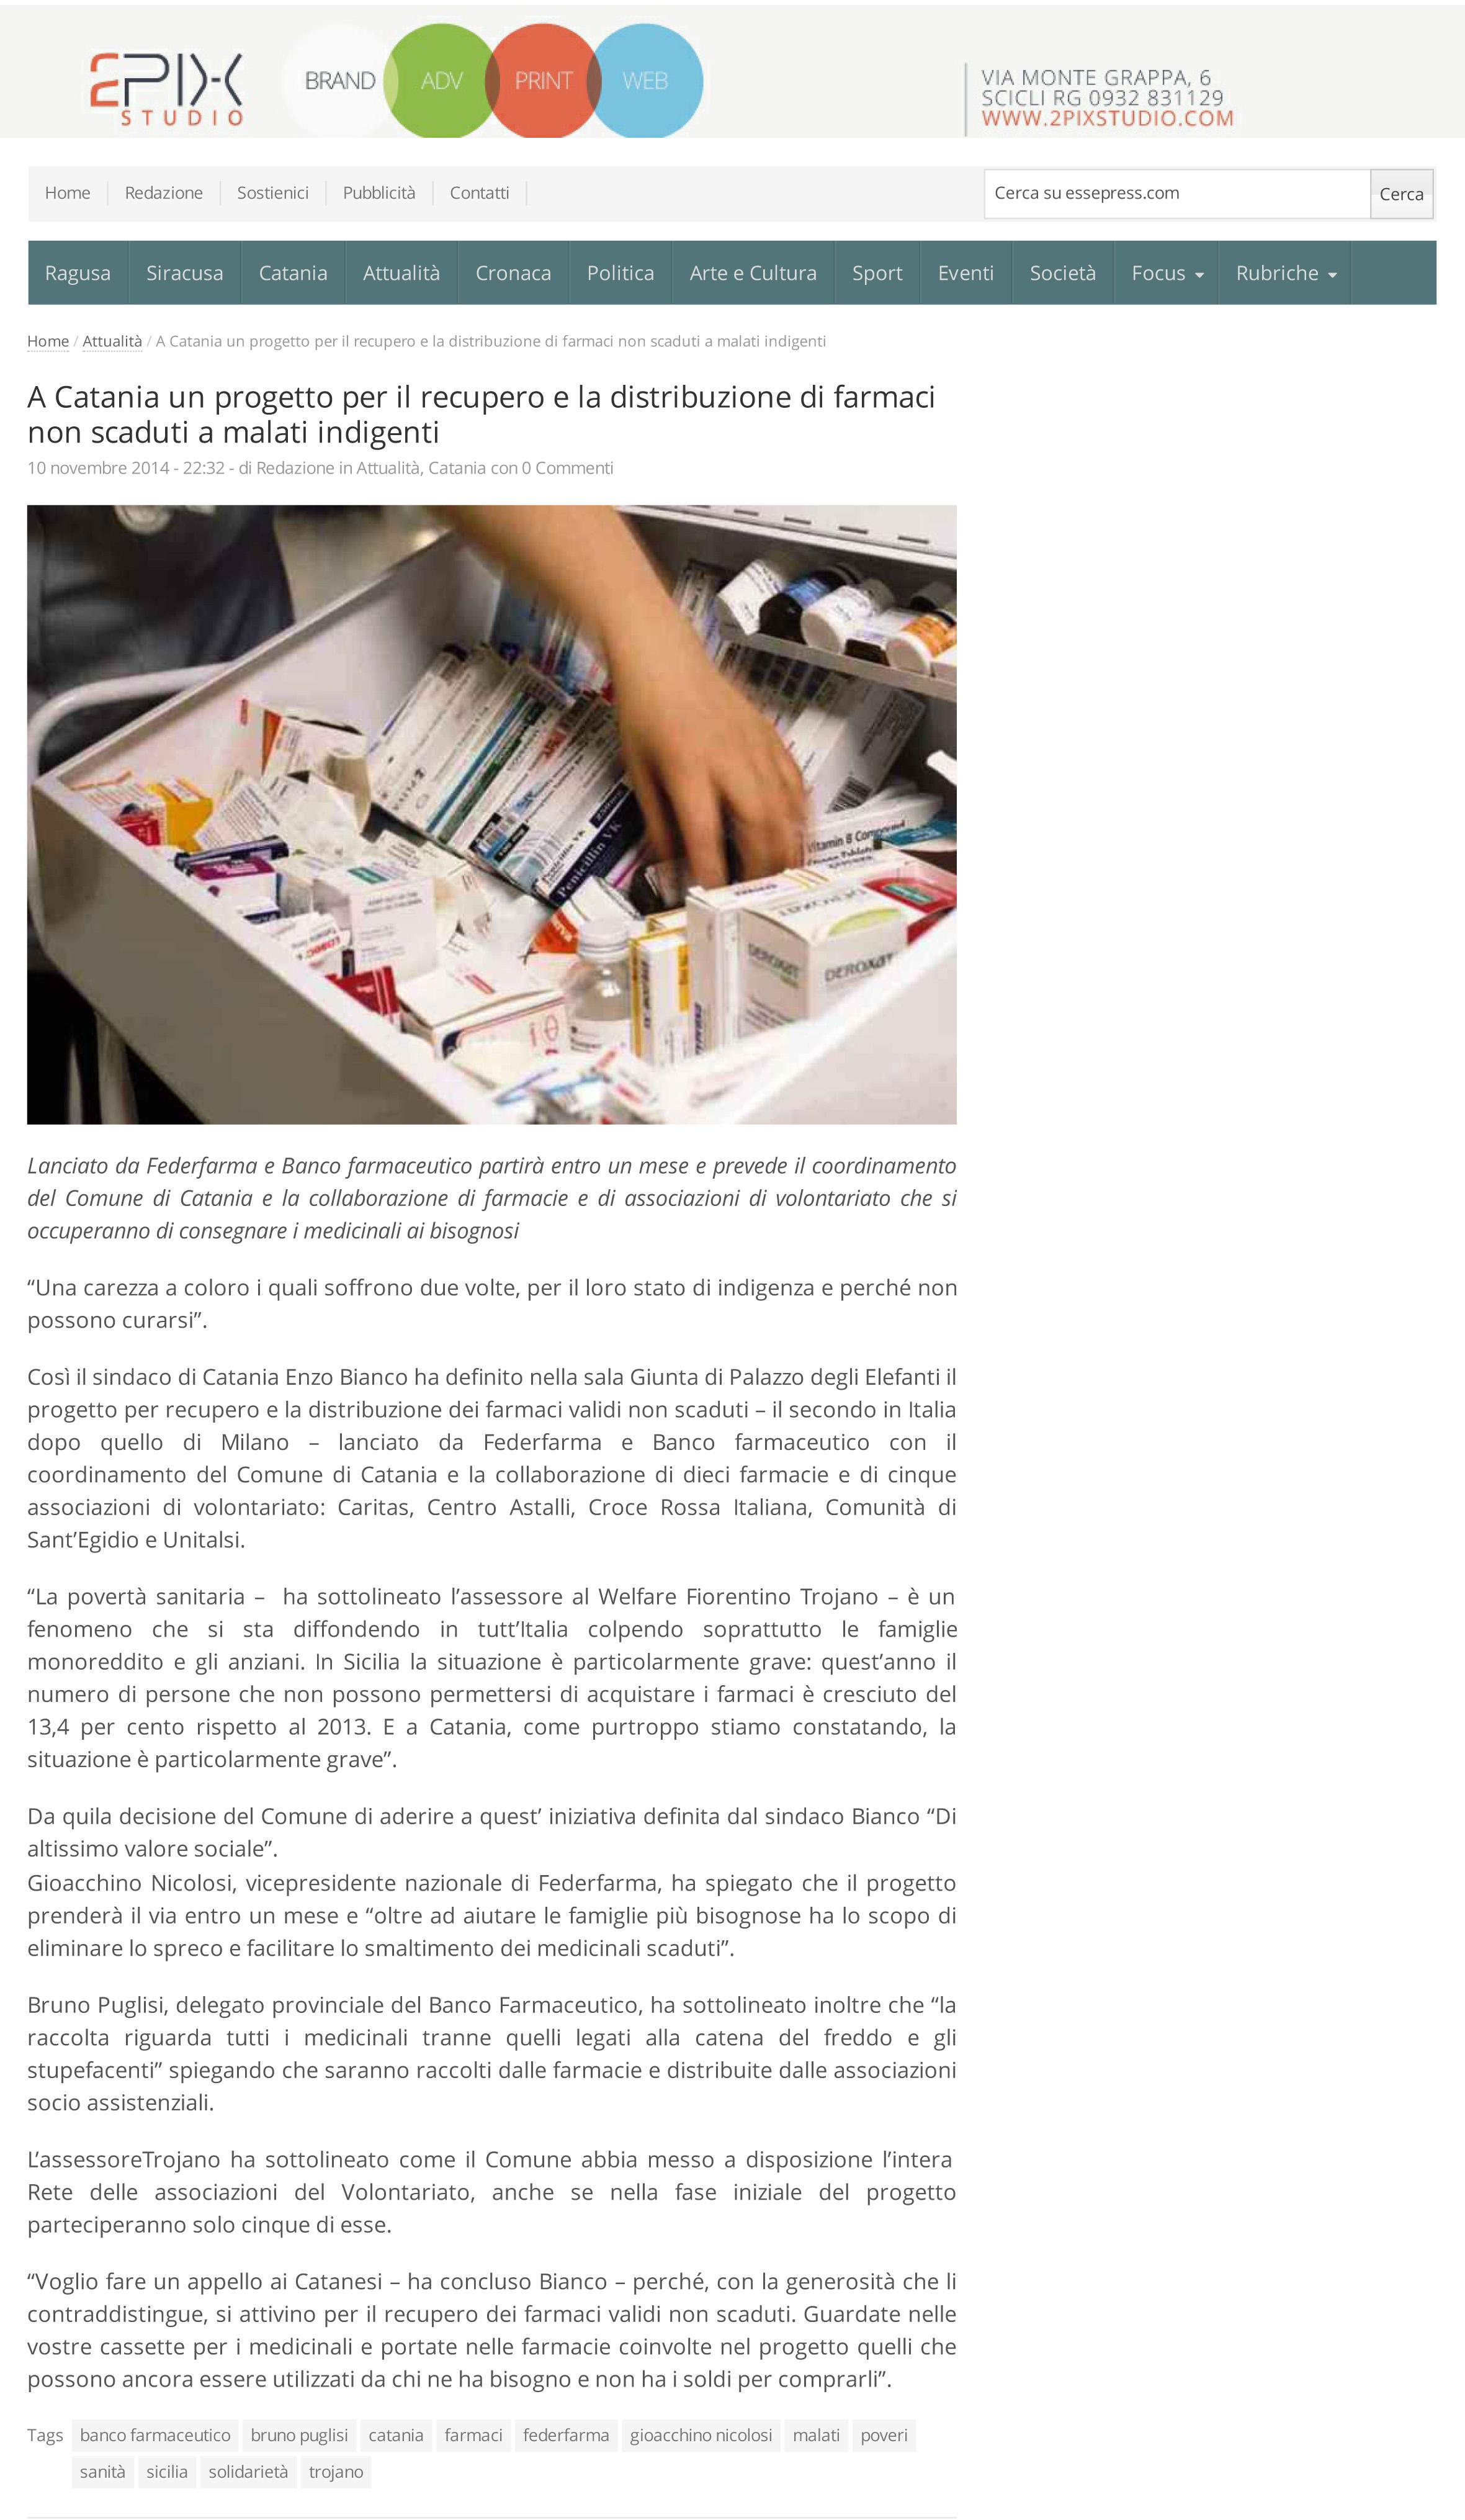 A Catania un pro to per recupero e distribuzione farmaci non scaduti a malati indigenti